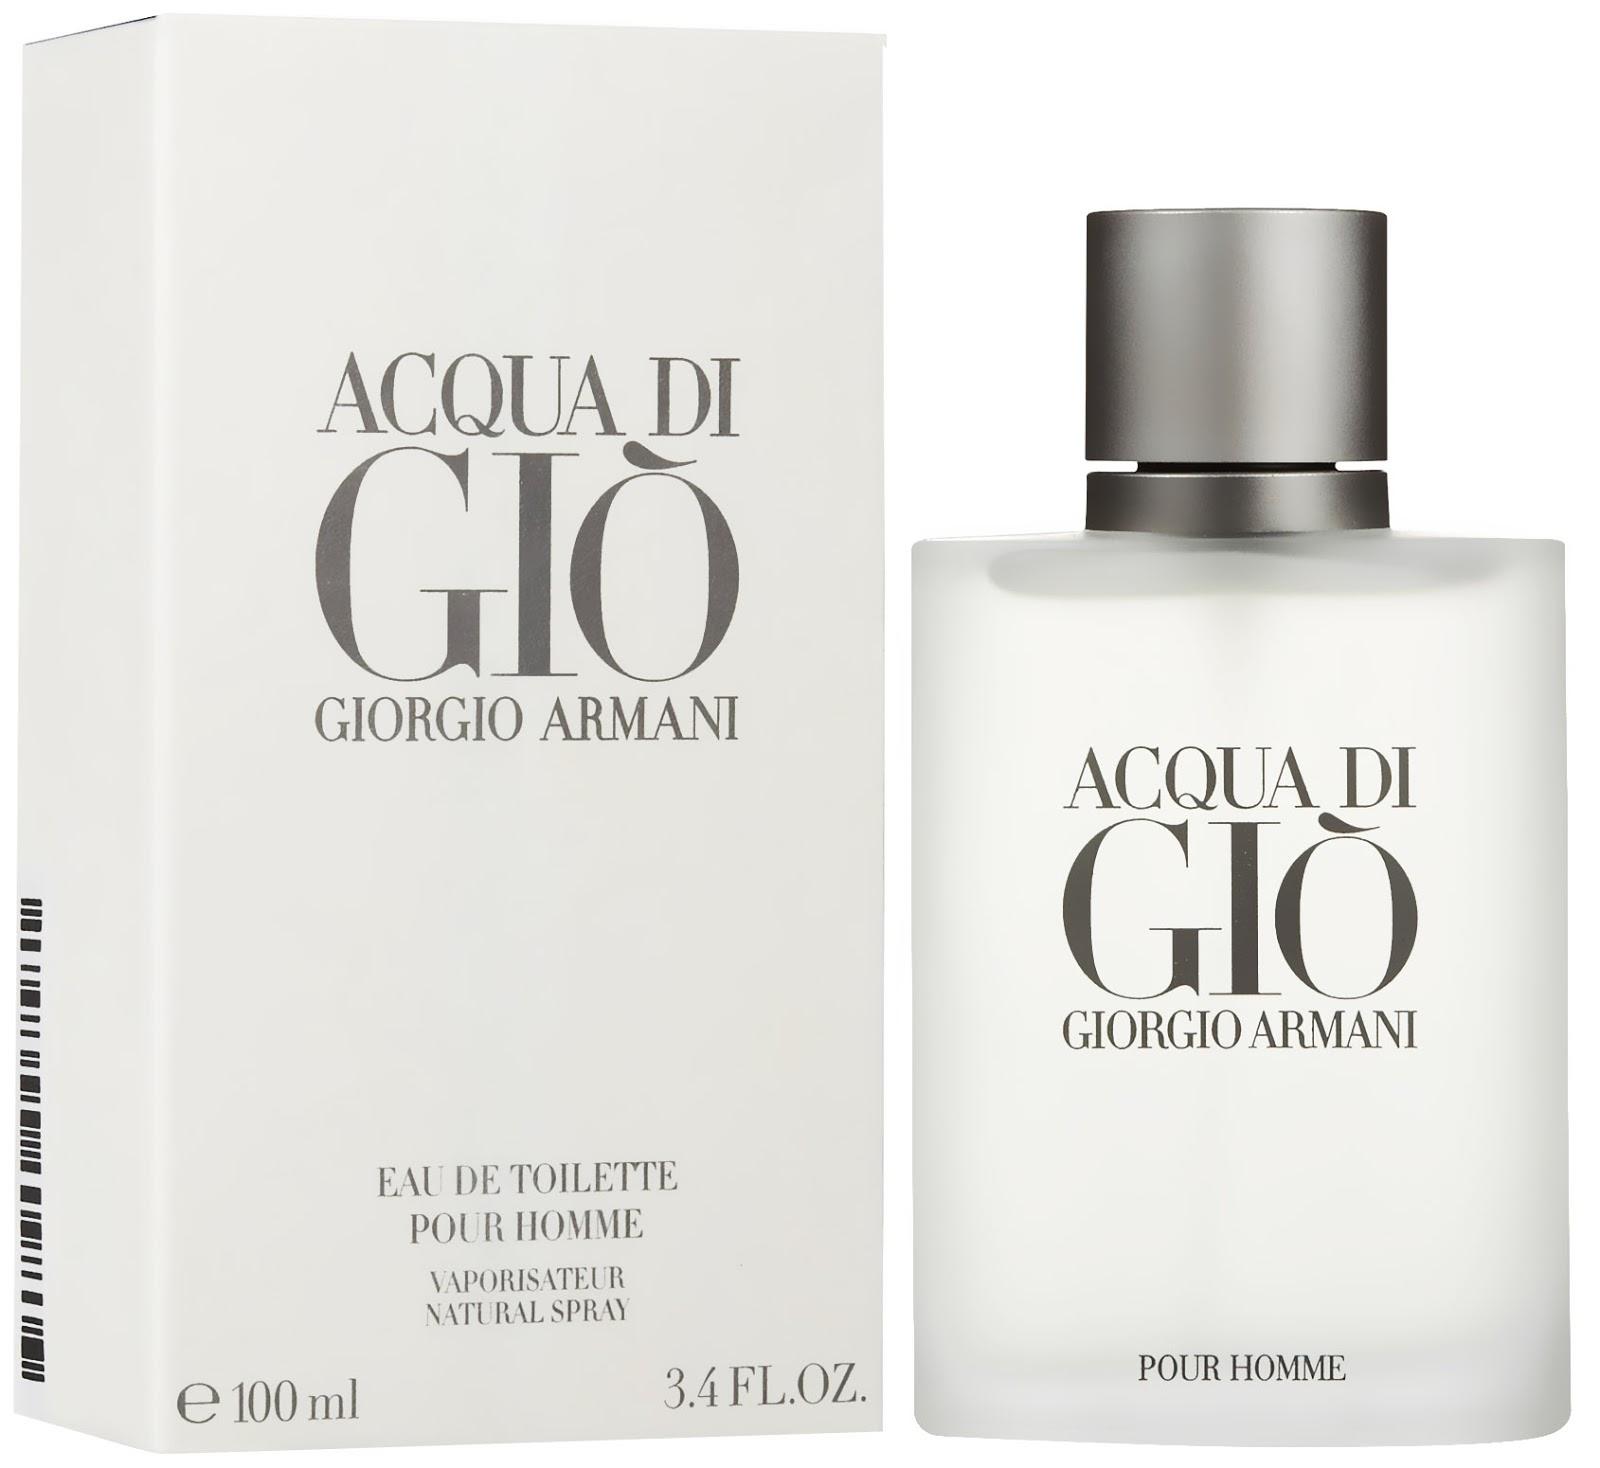 Giorgio Armani Acqua Di Gio For Men 1 Indonesia Perfume Online